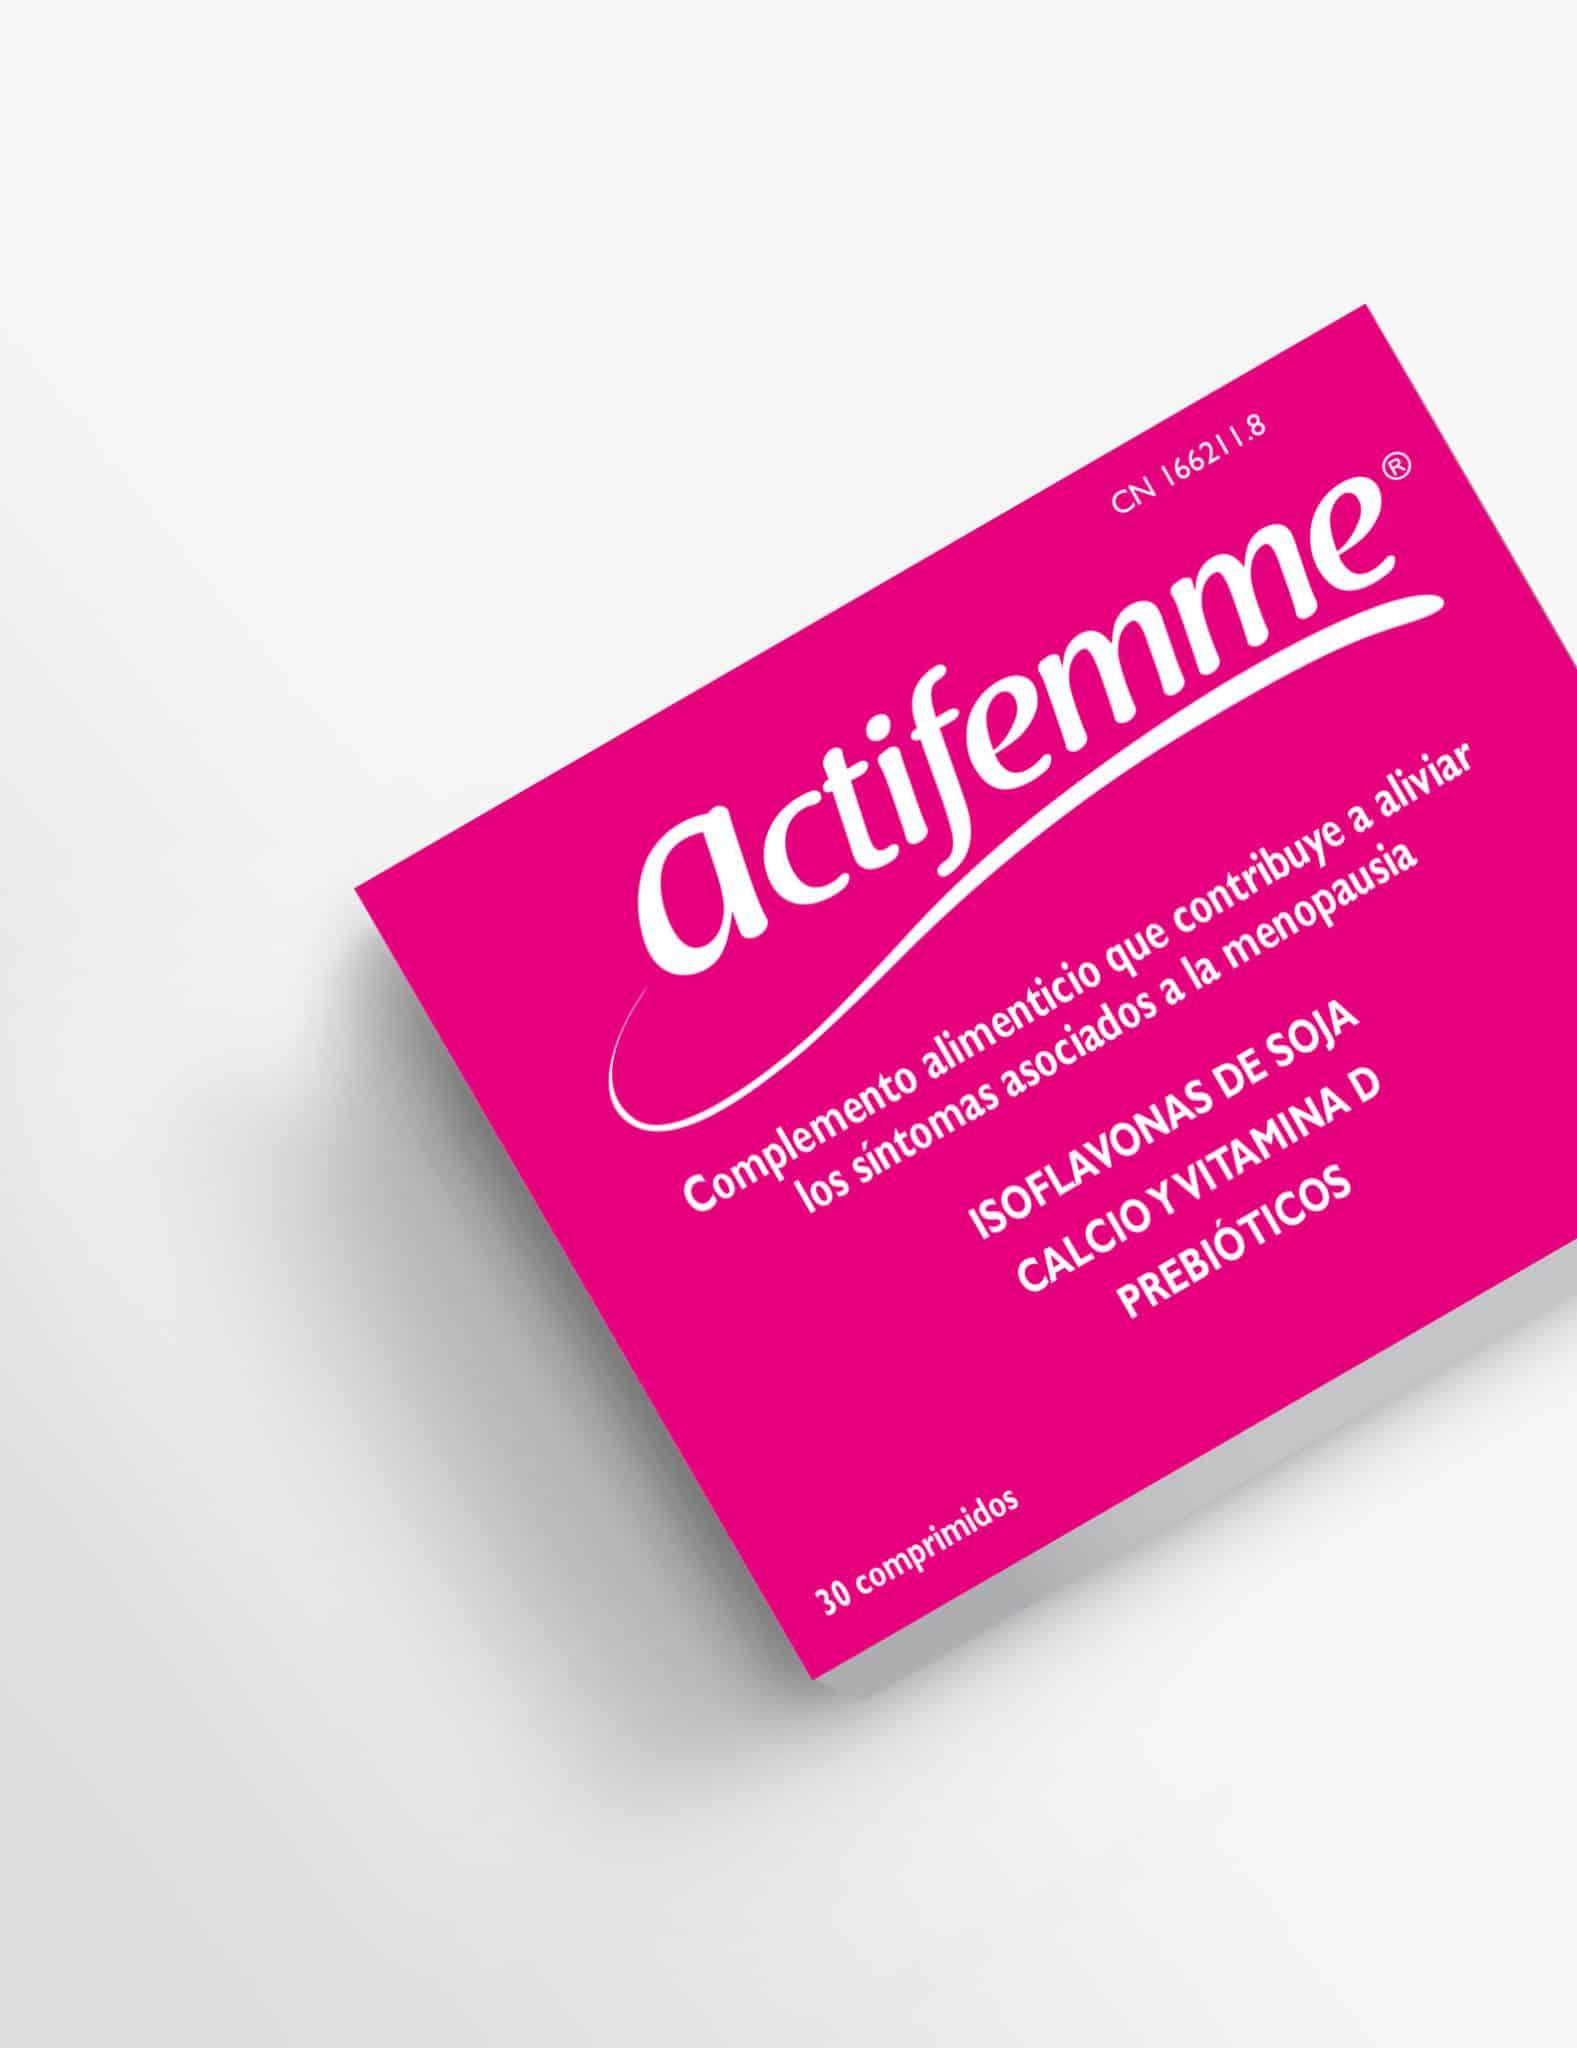 ACTIFEMME-menopausia-tratamiento